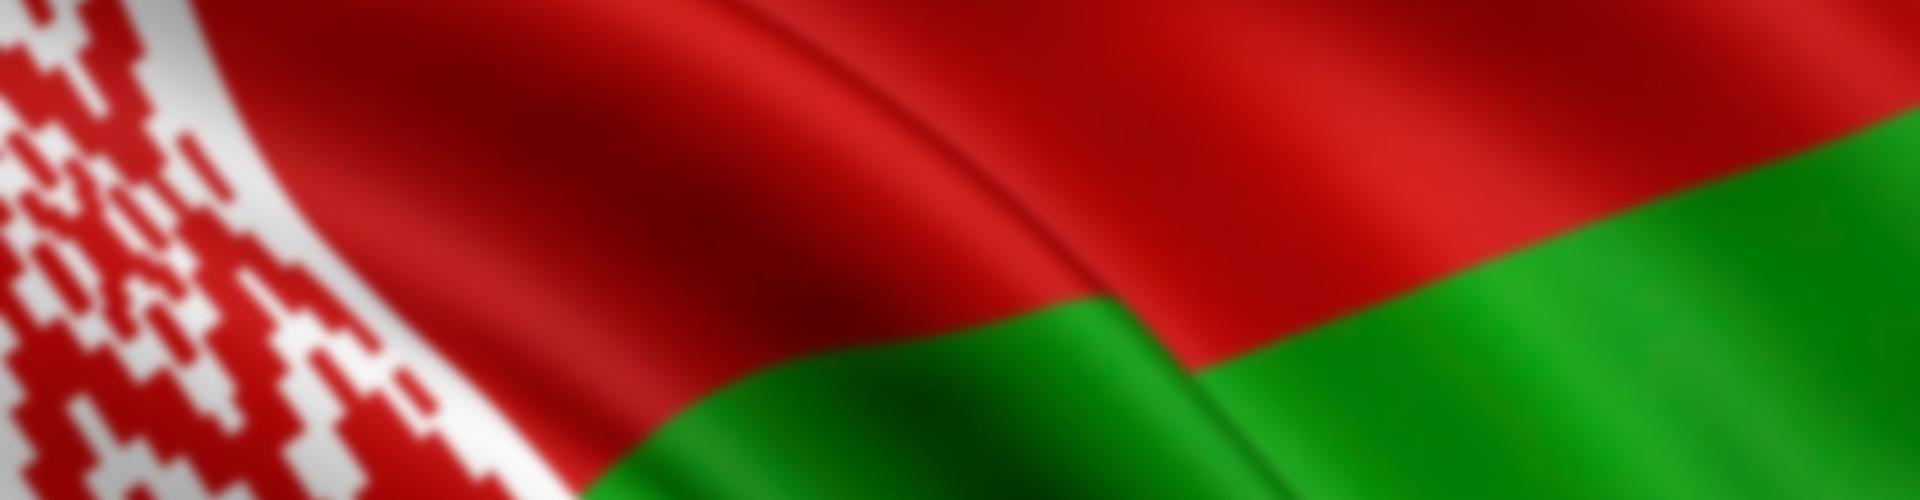 幻灯国旗2